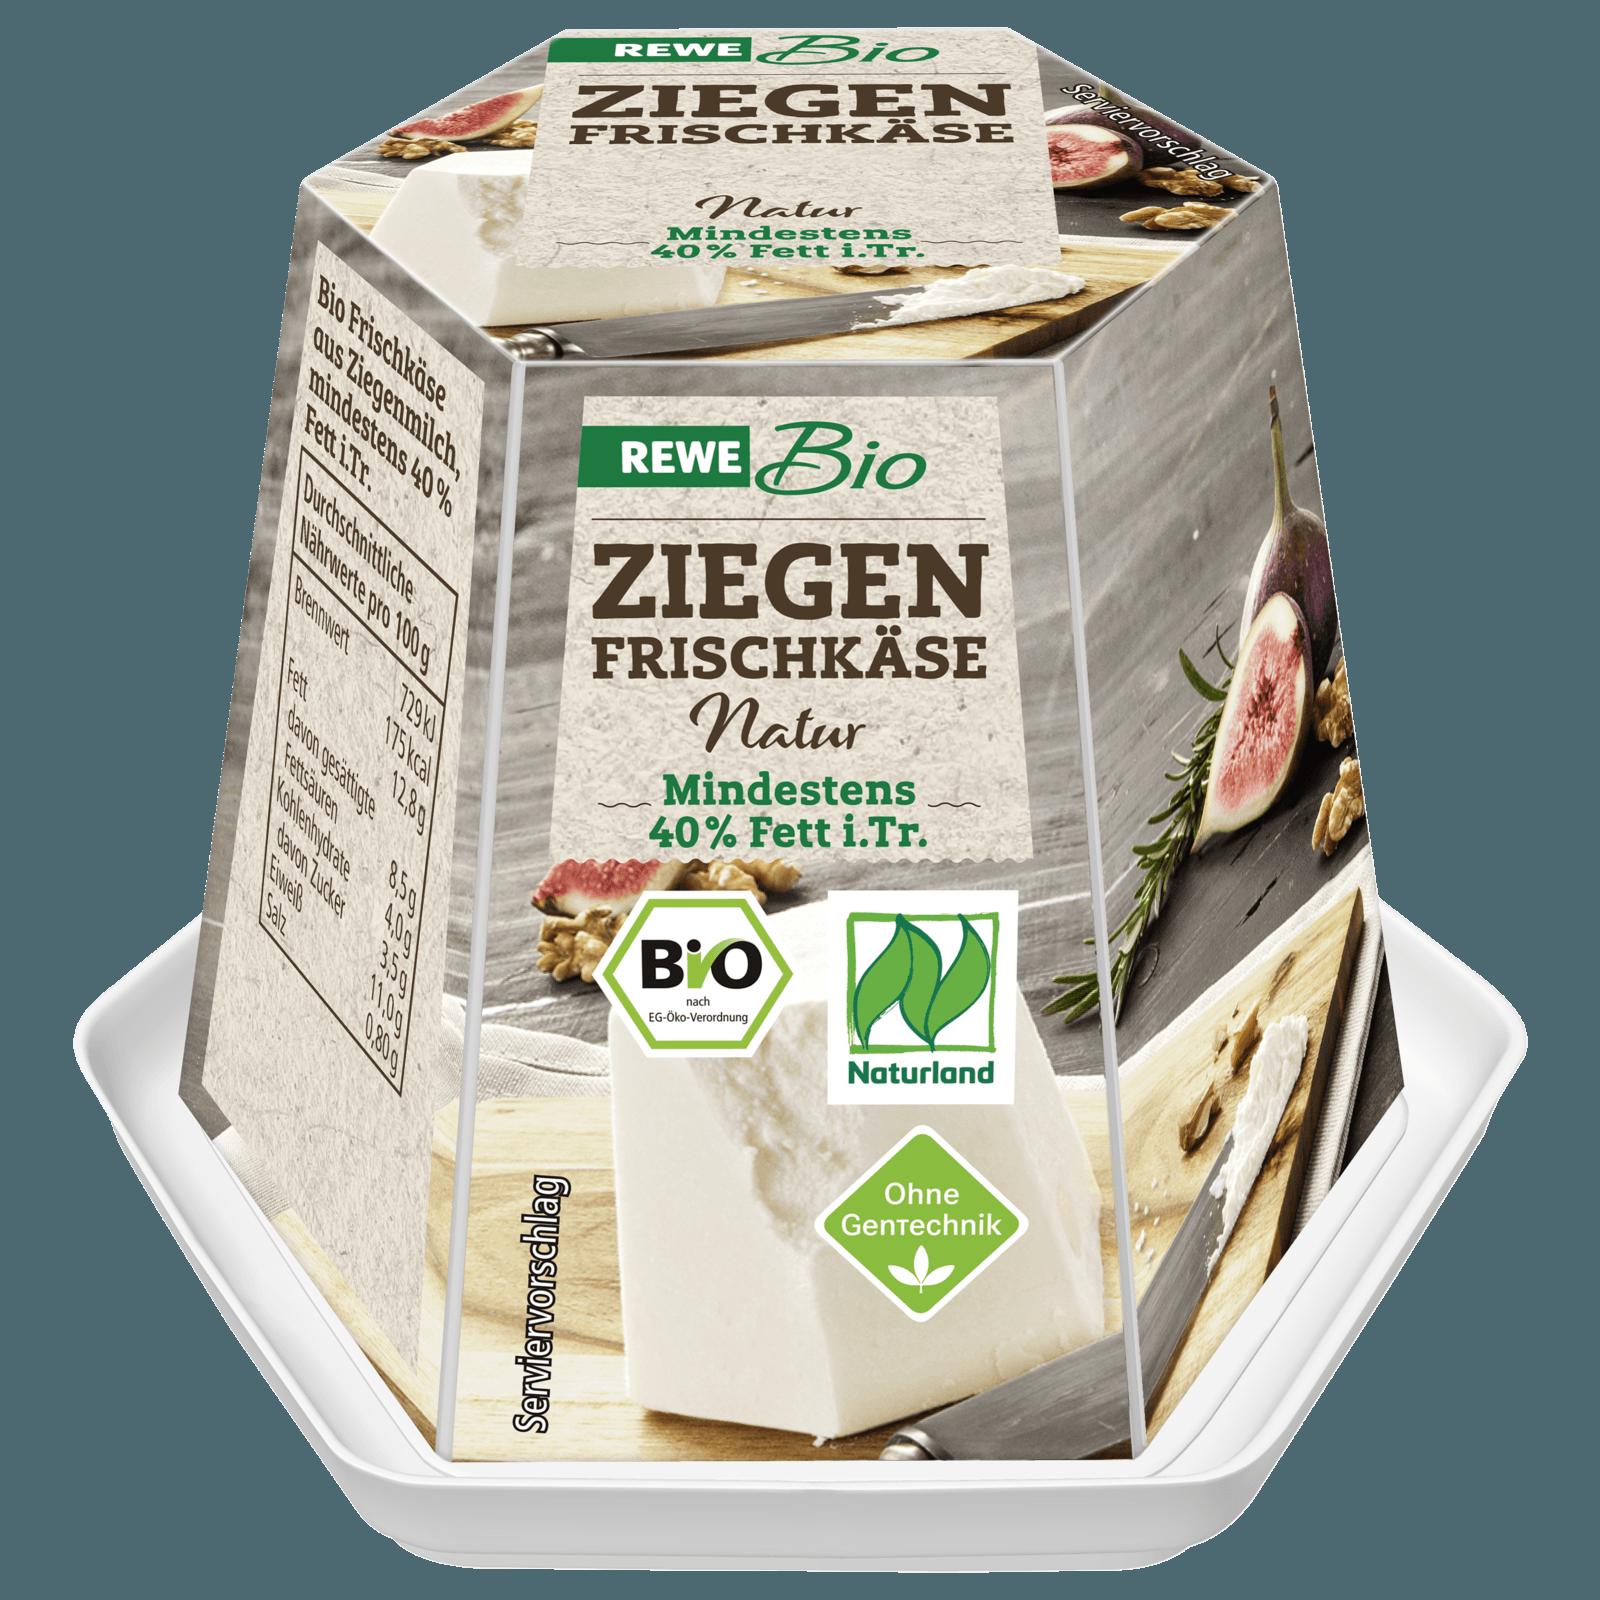 Rewe Bio Ziegenfrischkase 150g Bei Rewe Online Bestellen